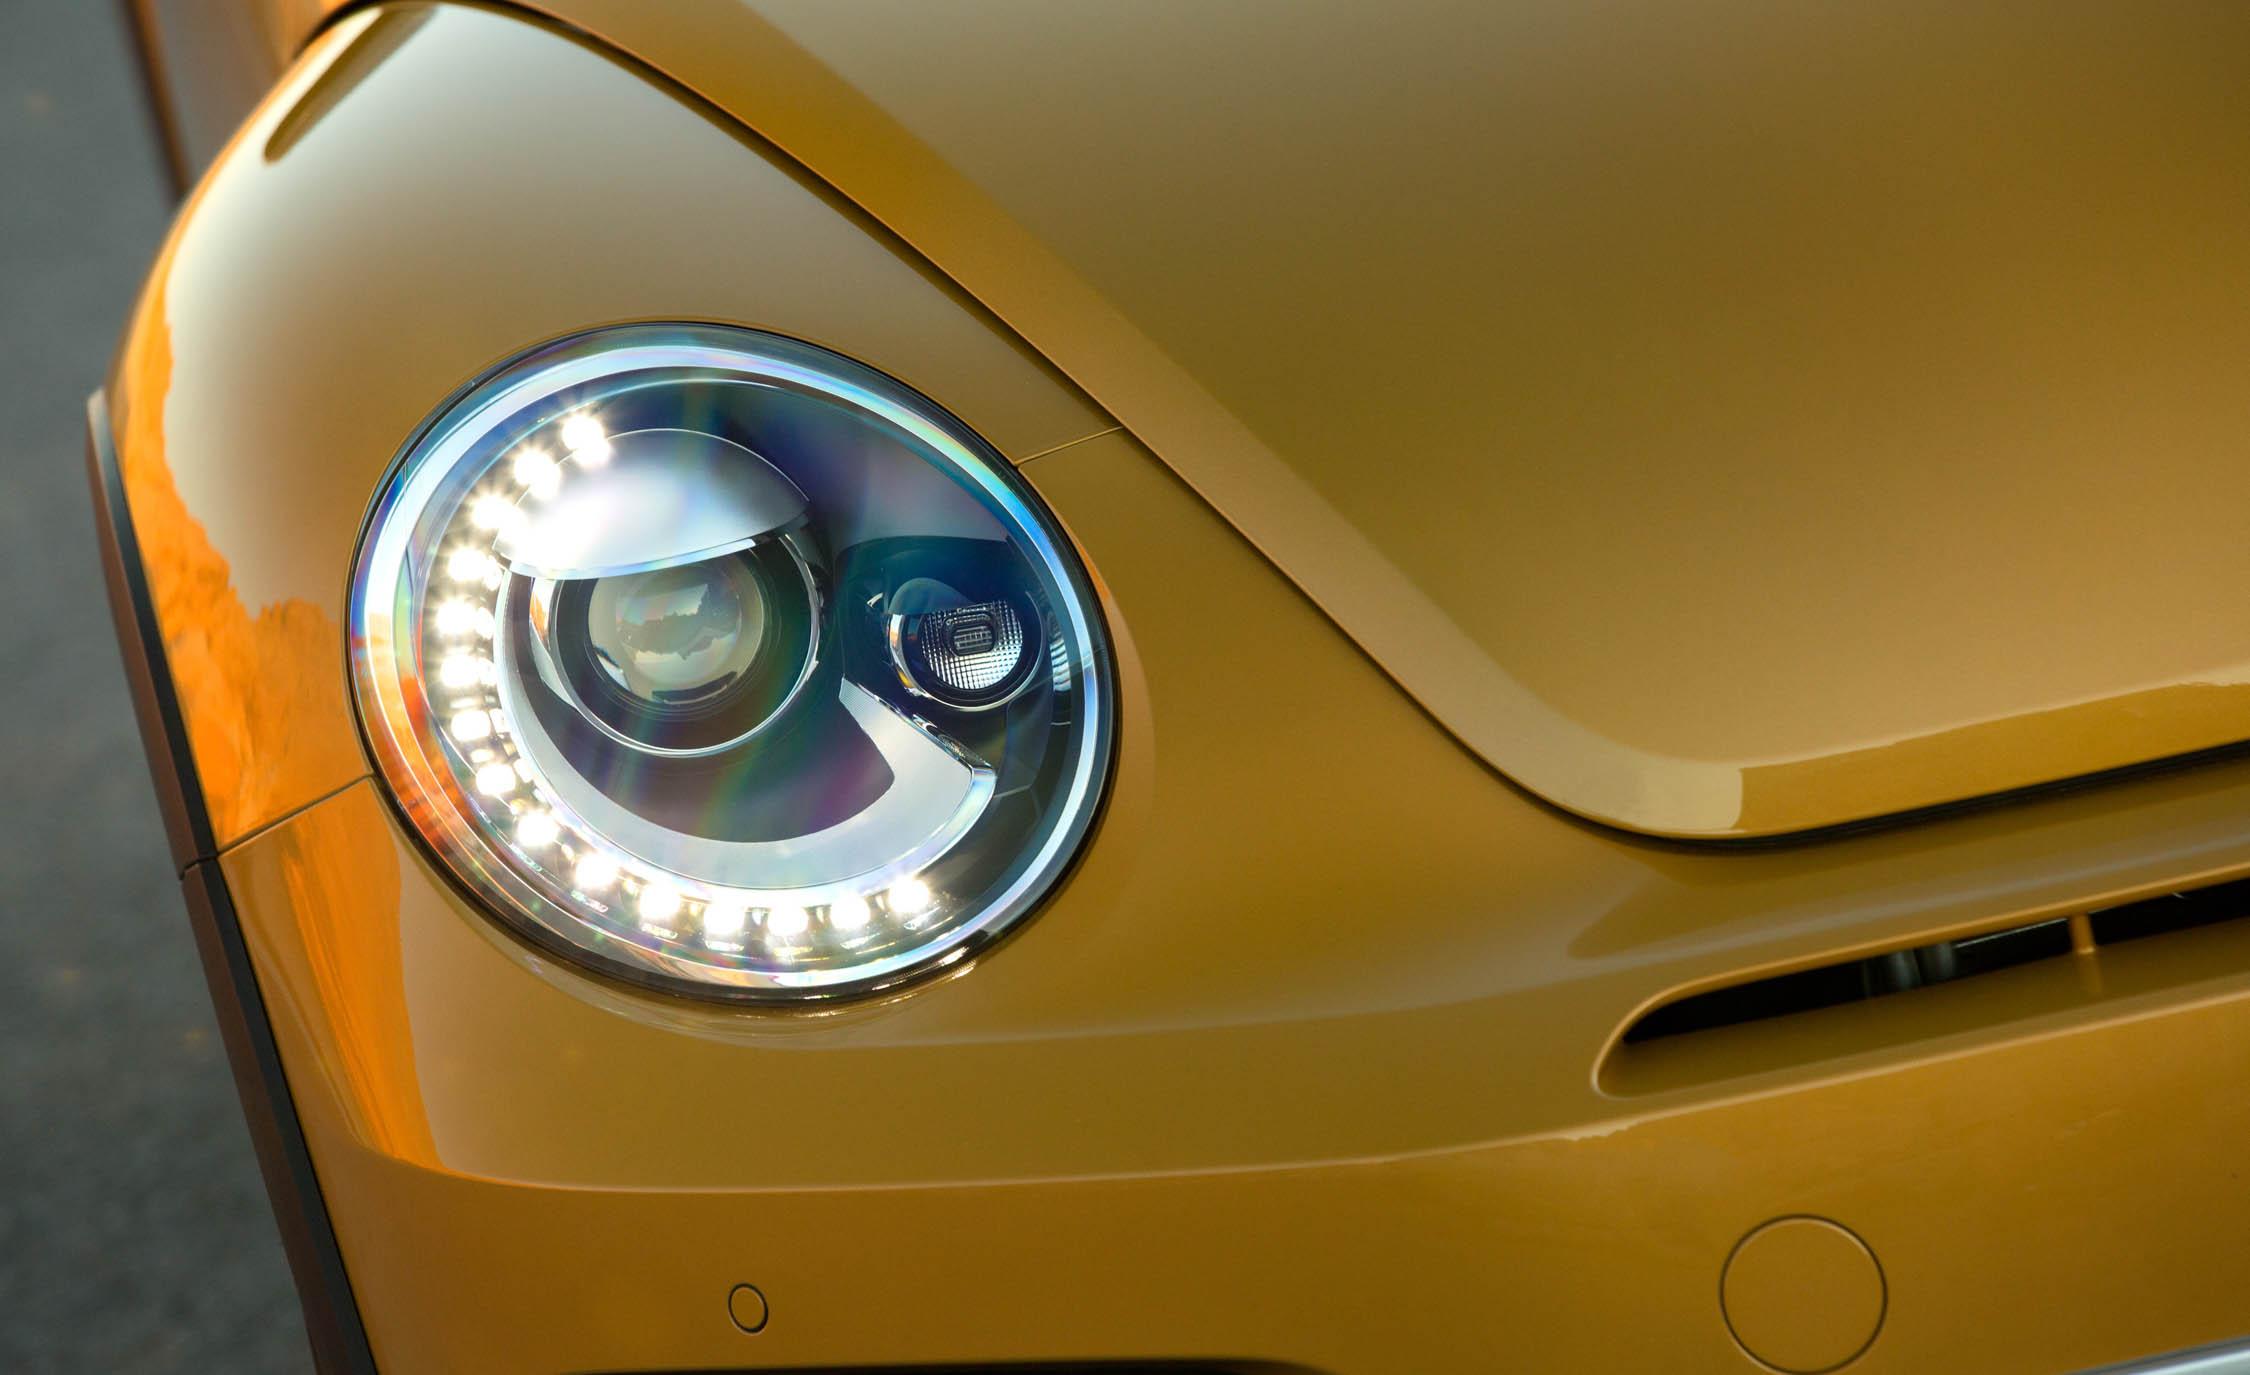 2016 Volkswagen Beetle Dune Exterior Headlight